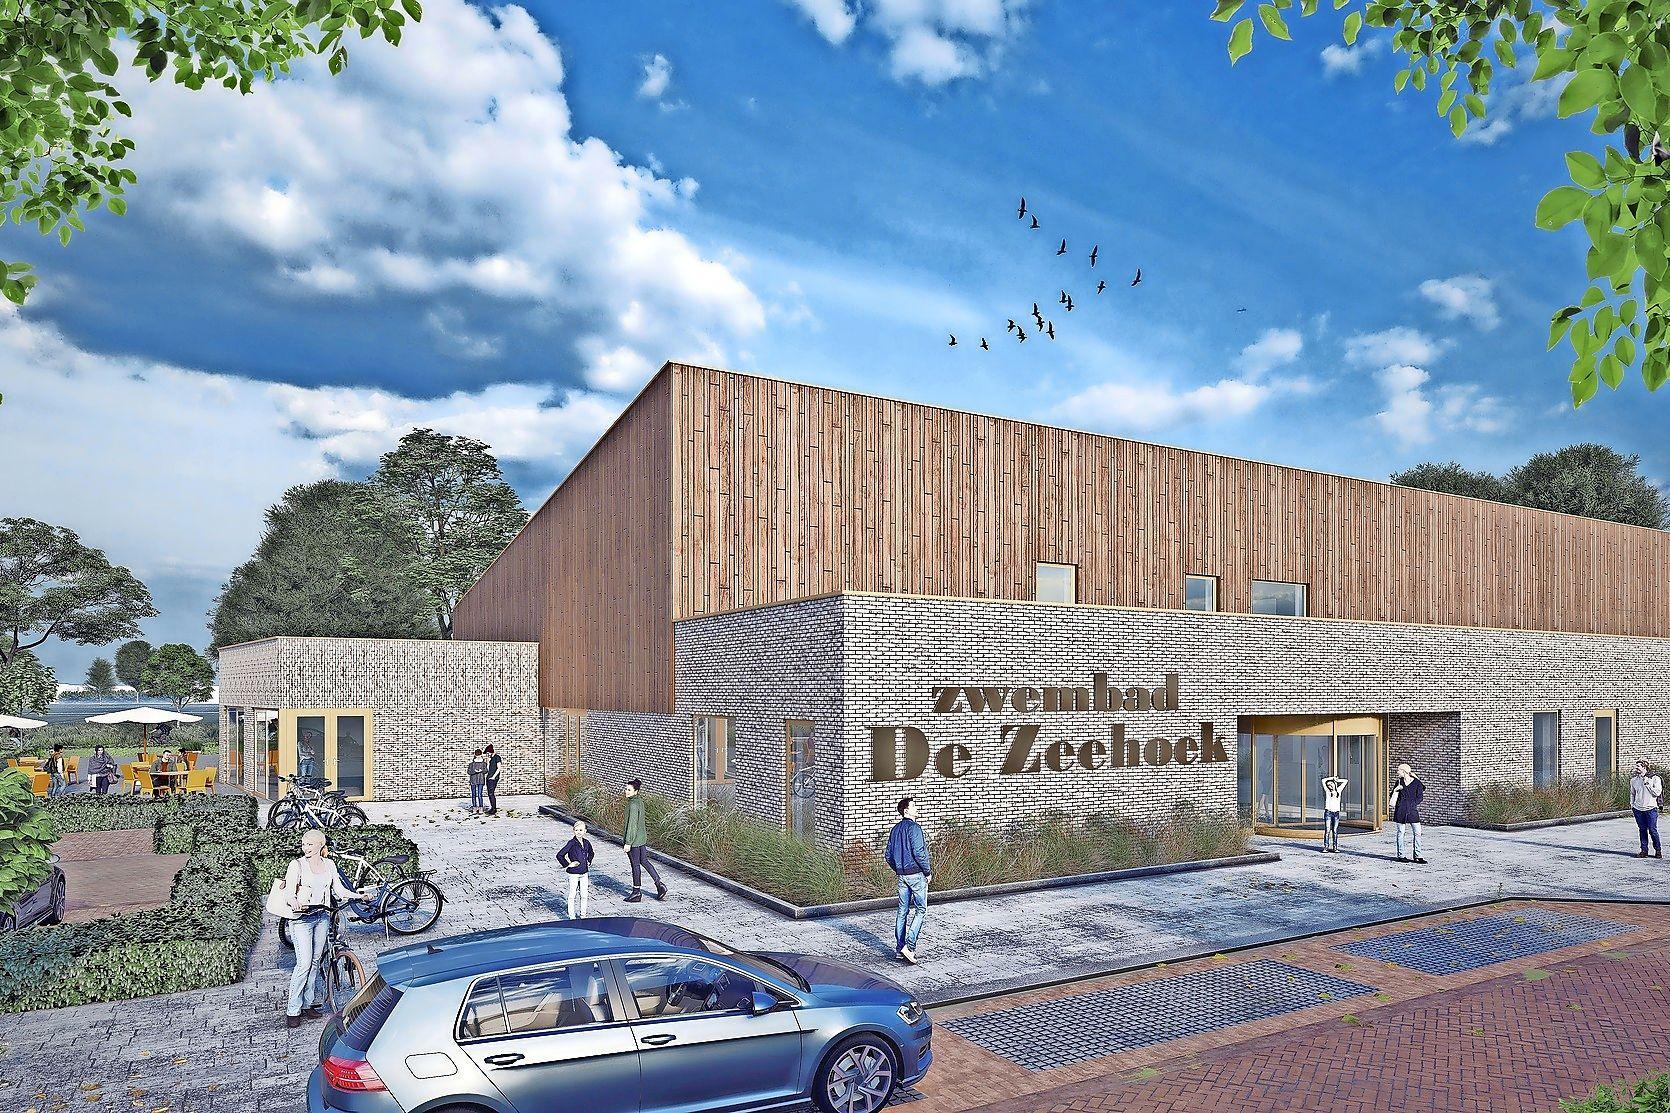 Toch bijeenkomst over alternatief plan op Zeehoek-terrein in Wervershoof. De VVD doet het dan maar zelf